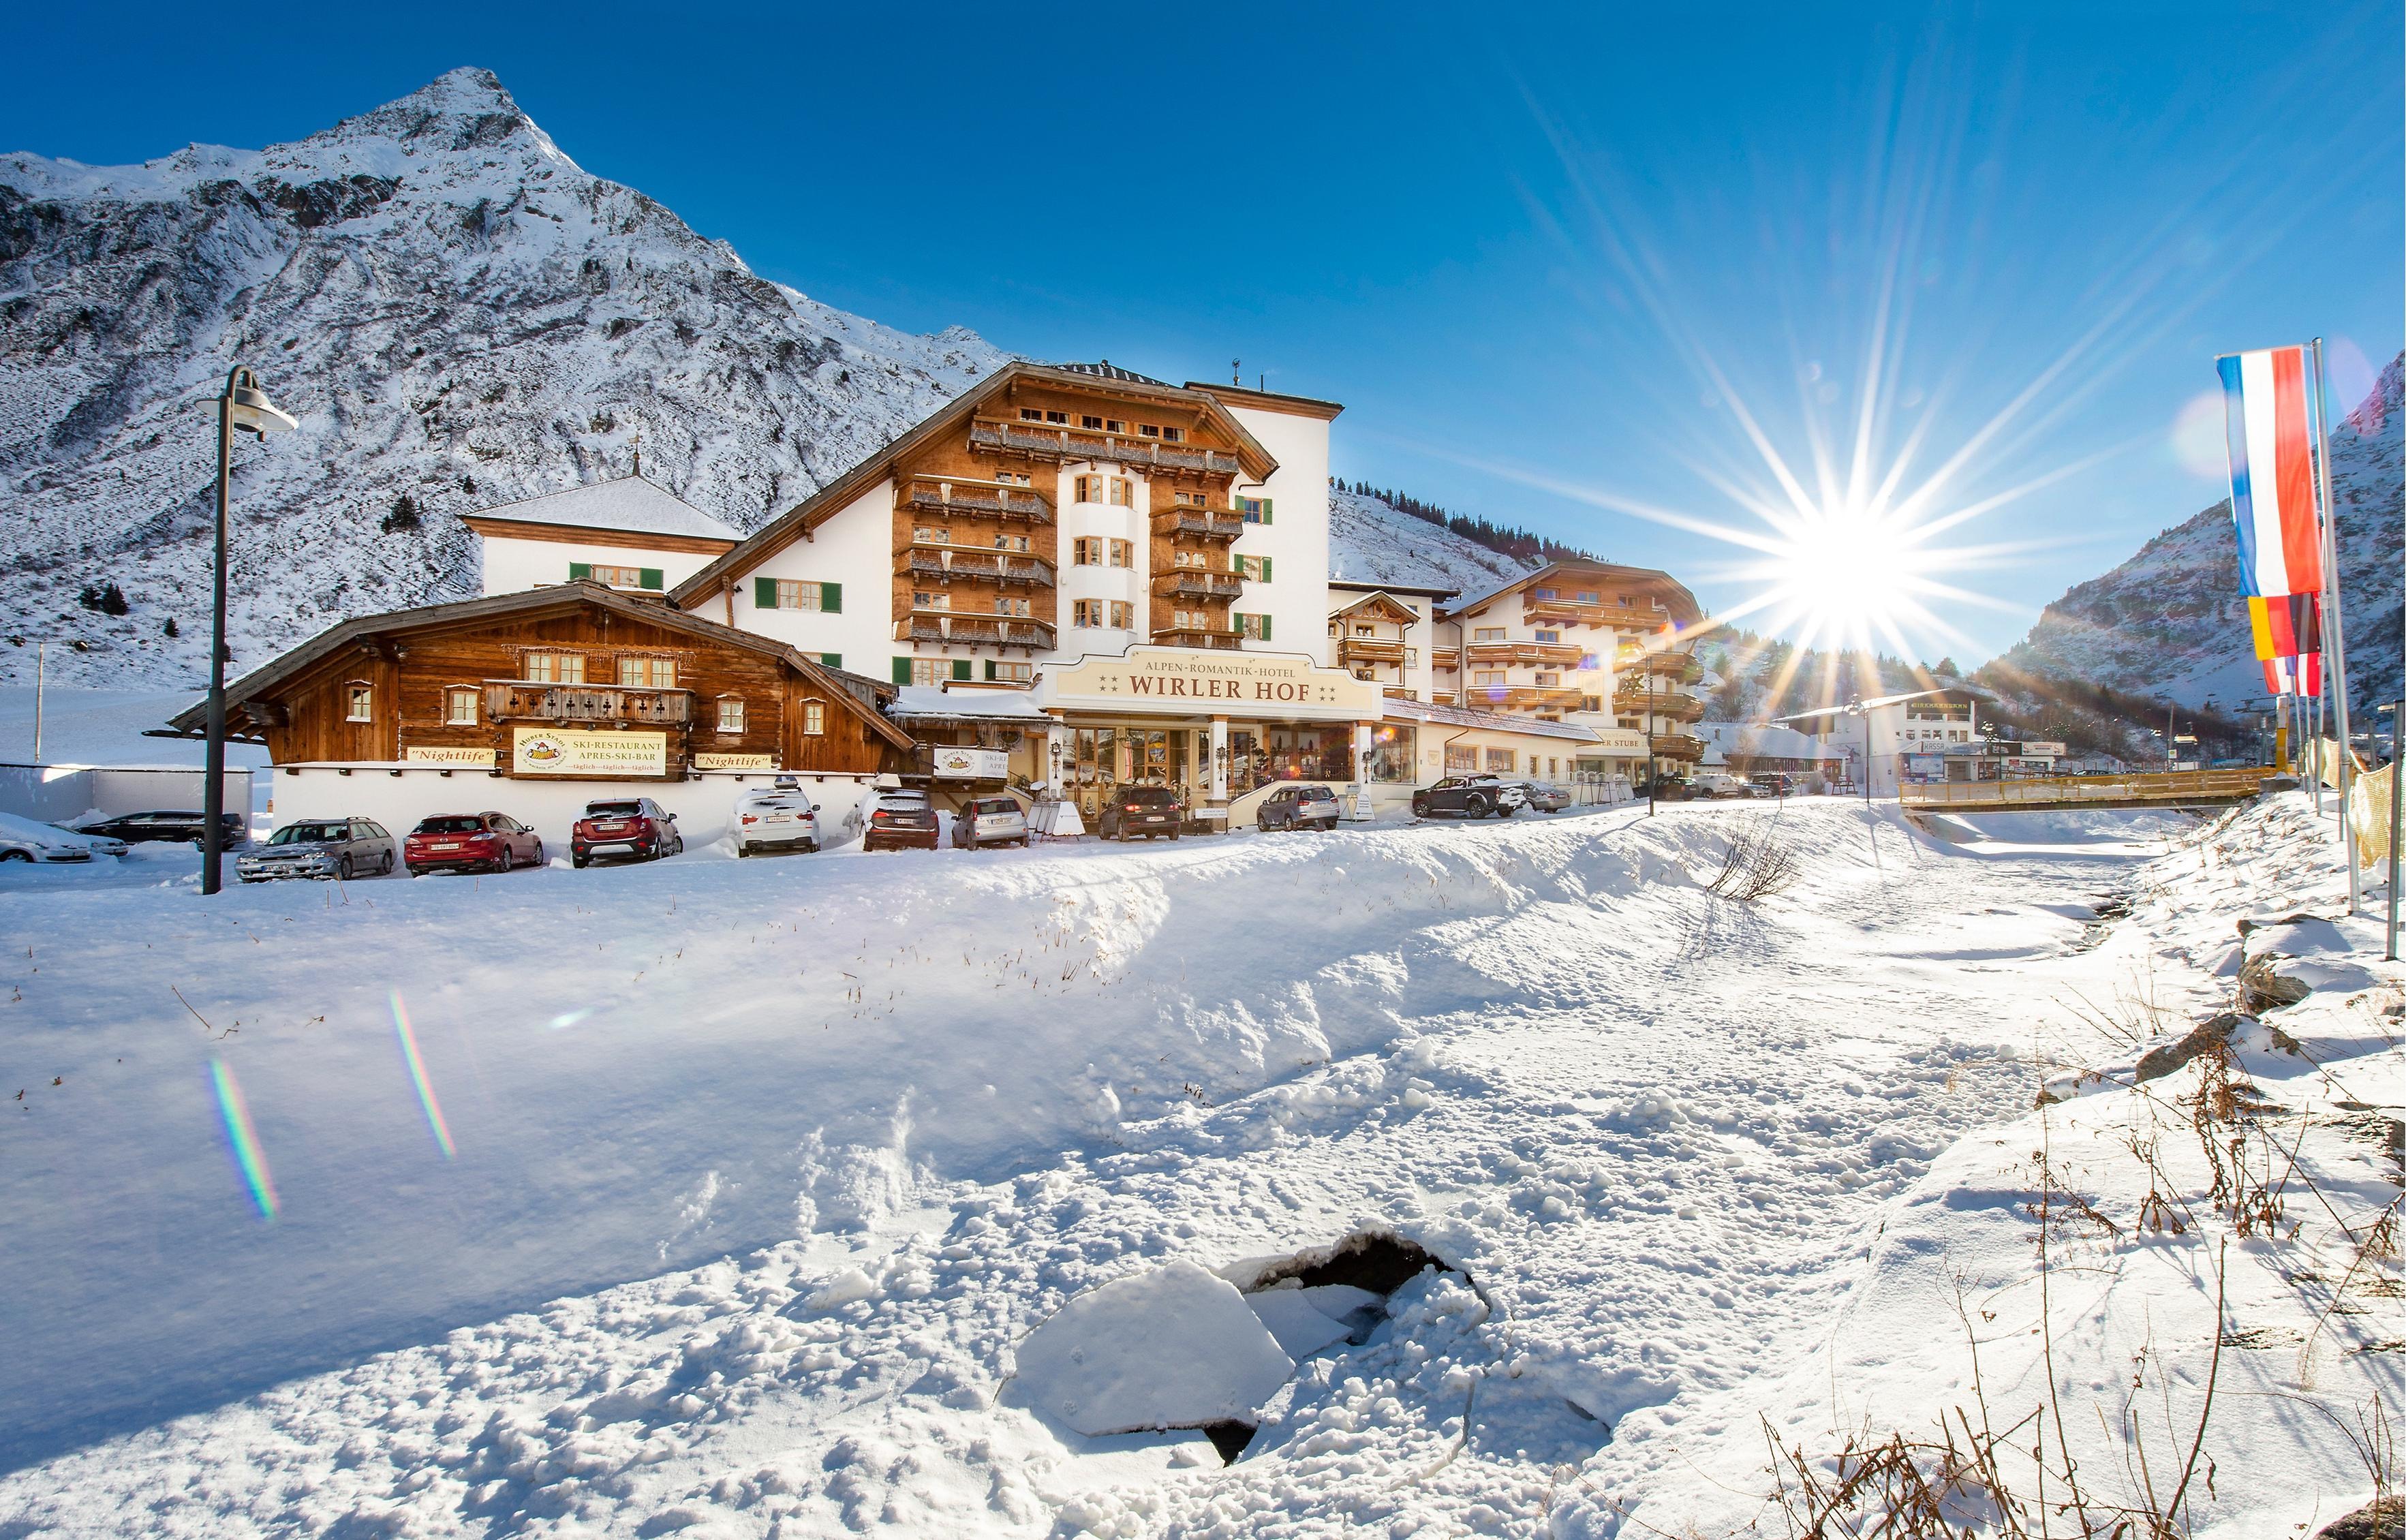 Meer info over Hotel Wirlerhof  bij Summittravel